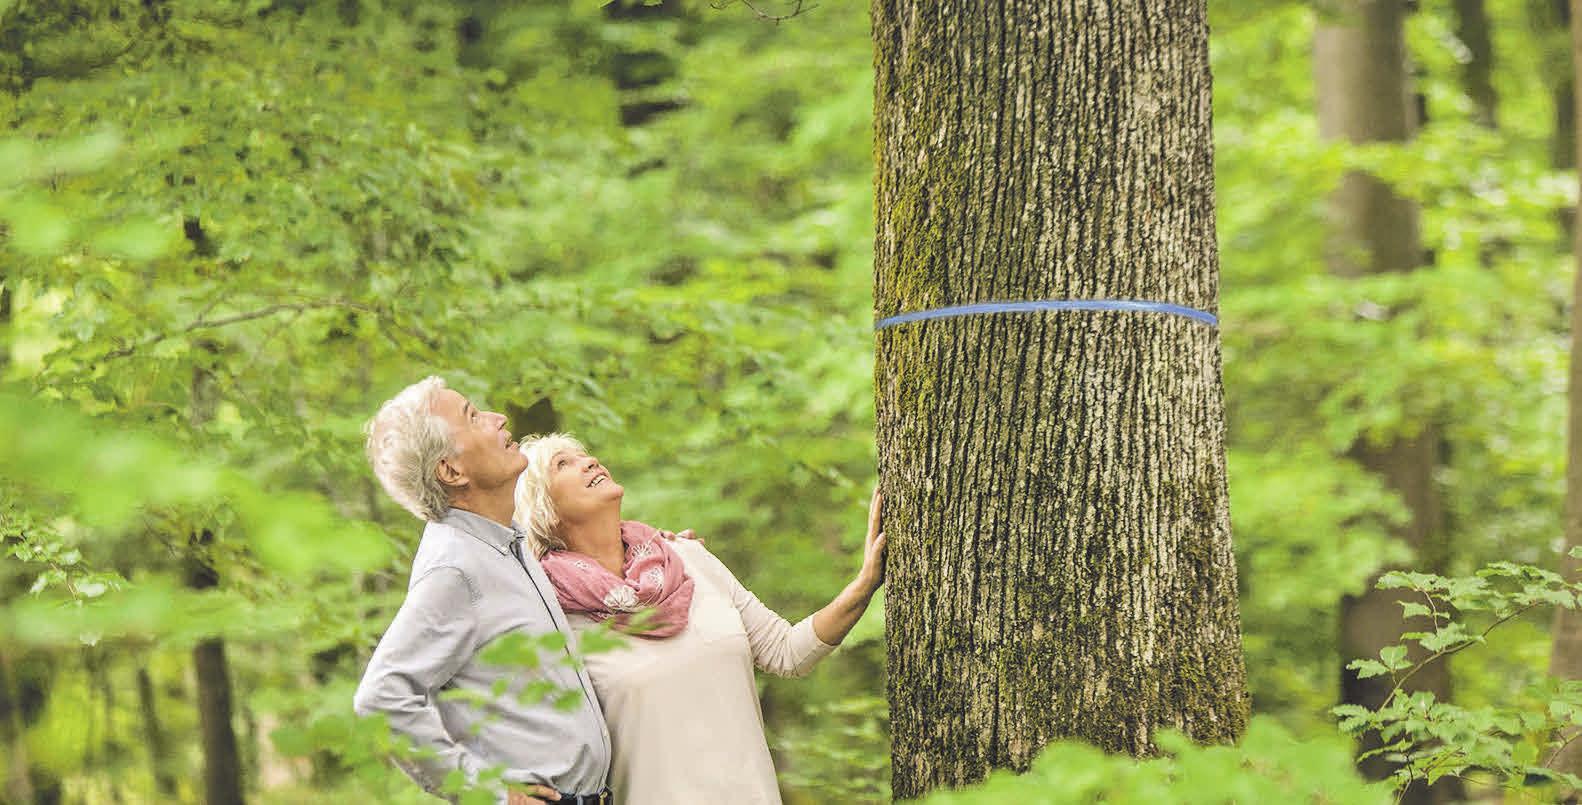 Schon zu Lebzeiten kann in einem Bestattungswald der Baum ausgewählt werden, der die letzte Ruhestätte werden soll.       Foto: djd/FriedWald